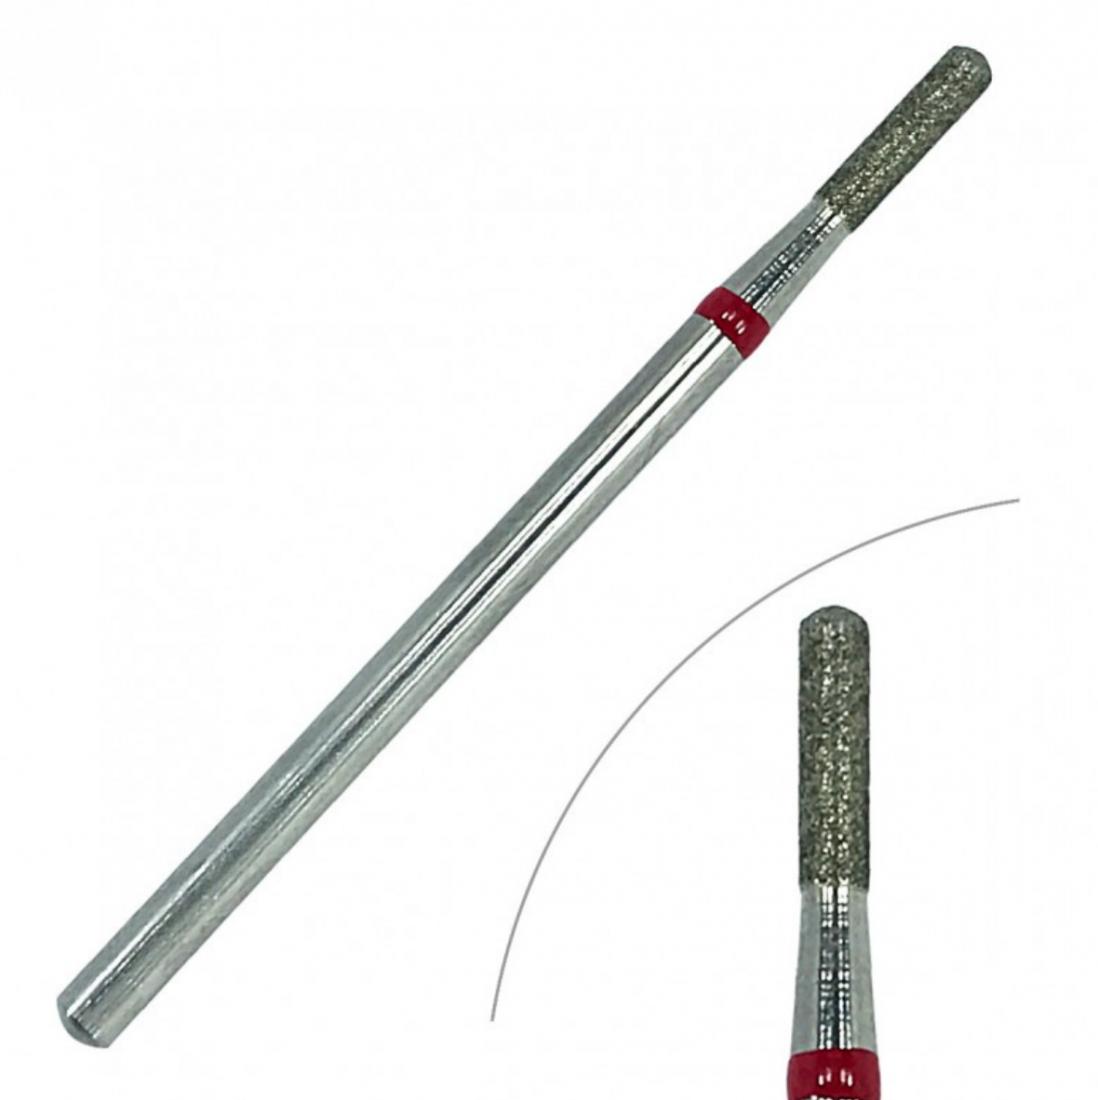 Цилиндрическая, резание боковое и концевое — ВладМиВа 856.104.107.060.014 (10 шт/блистер)